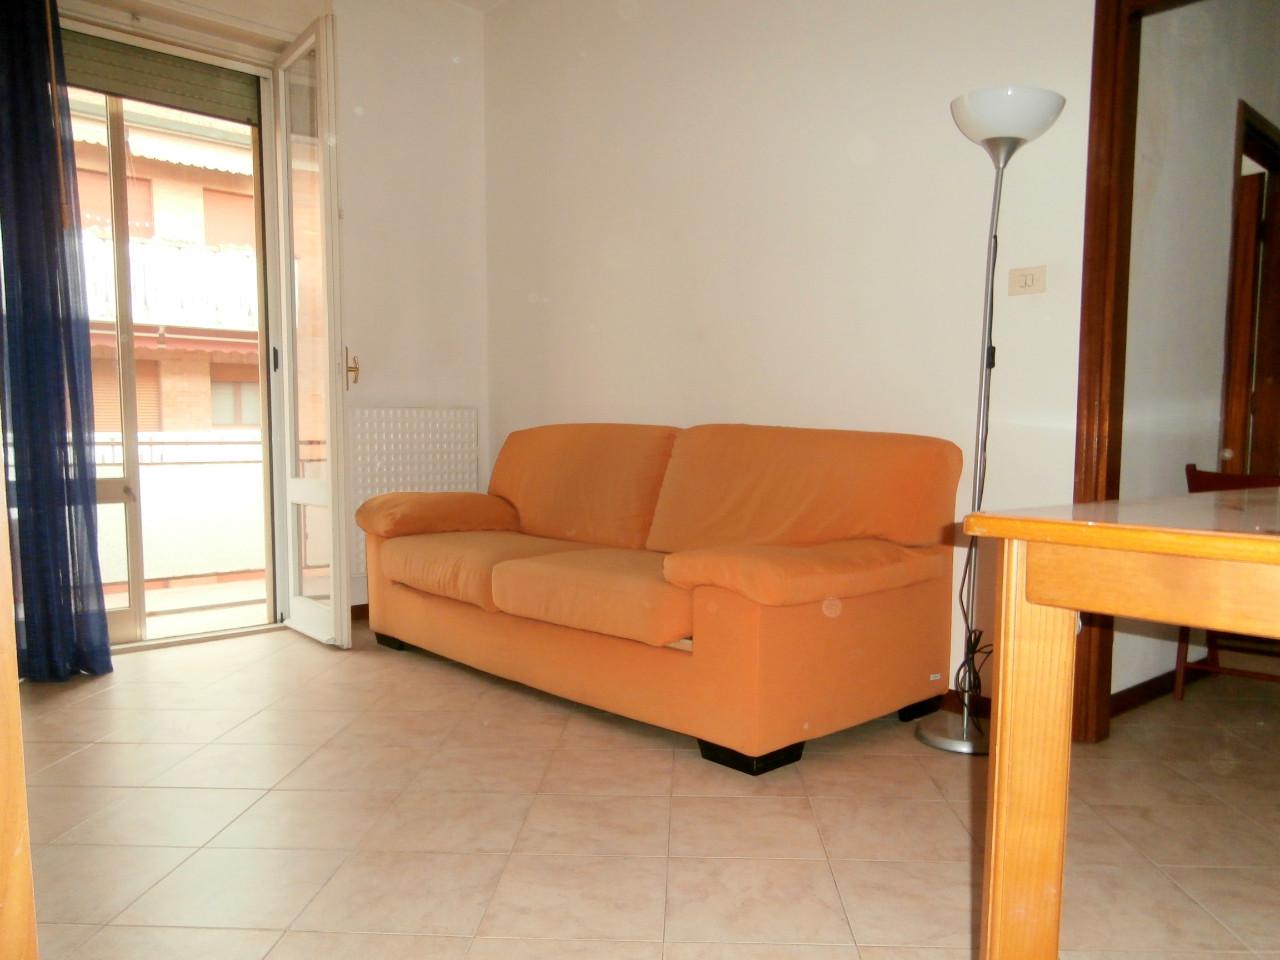 Appartamento in vendita Ferrara Zona Doro